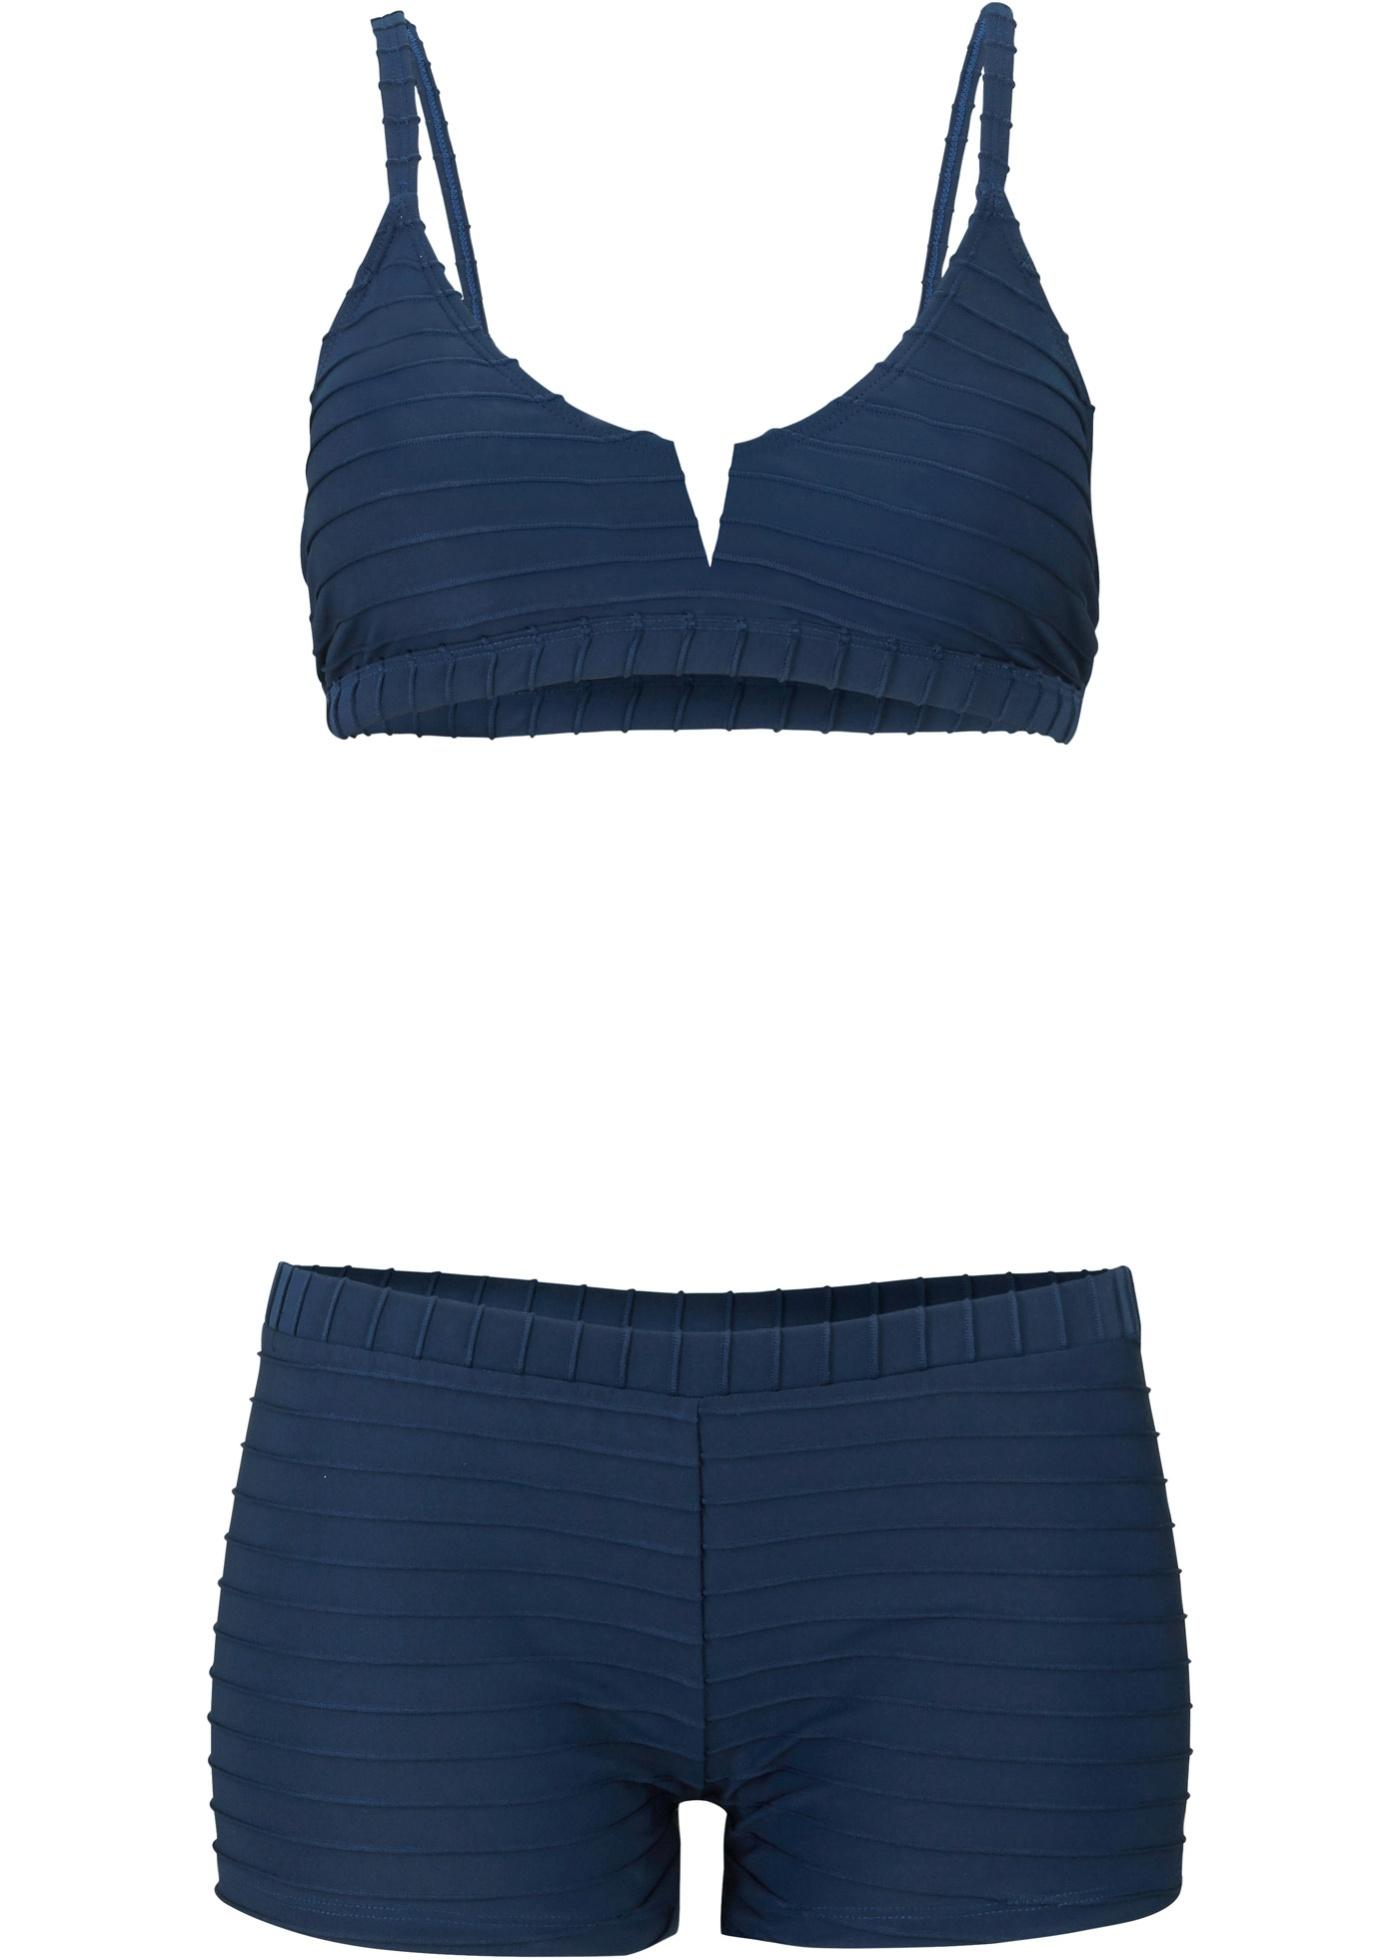 Bikini brassière (Ens. 2 pces.)